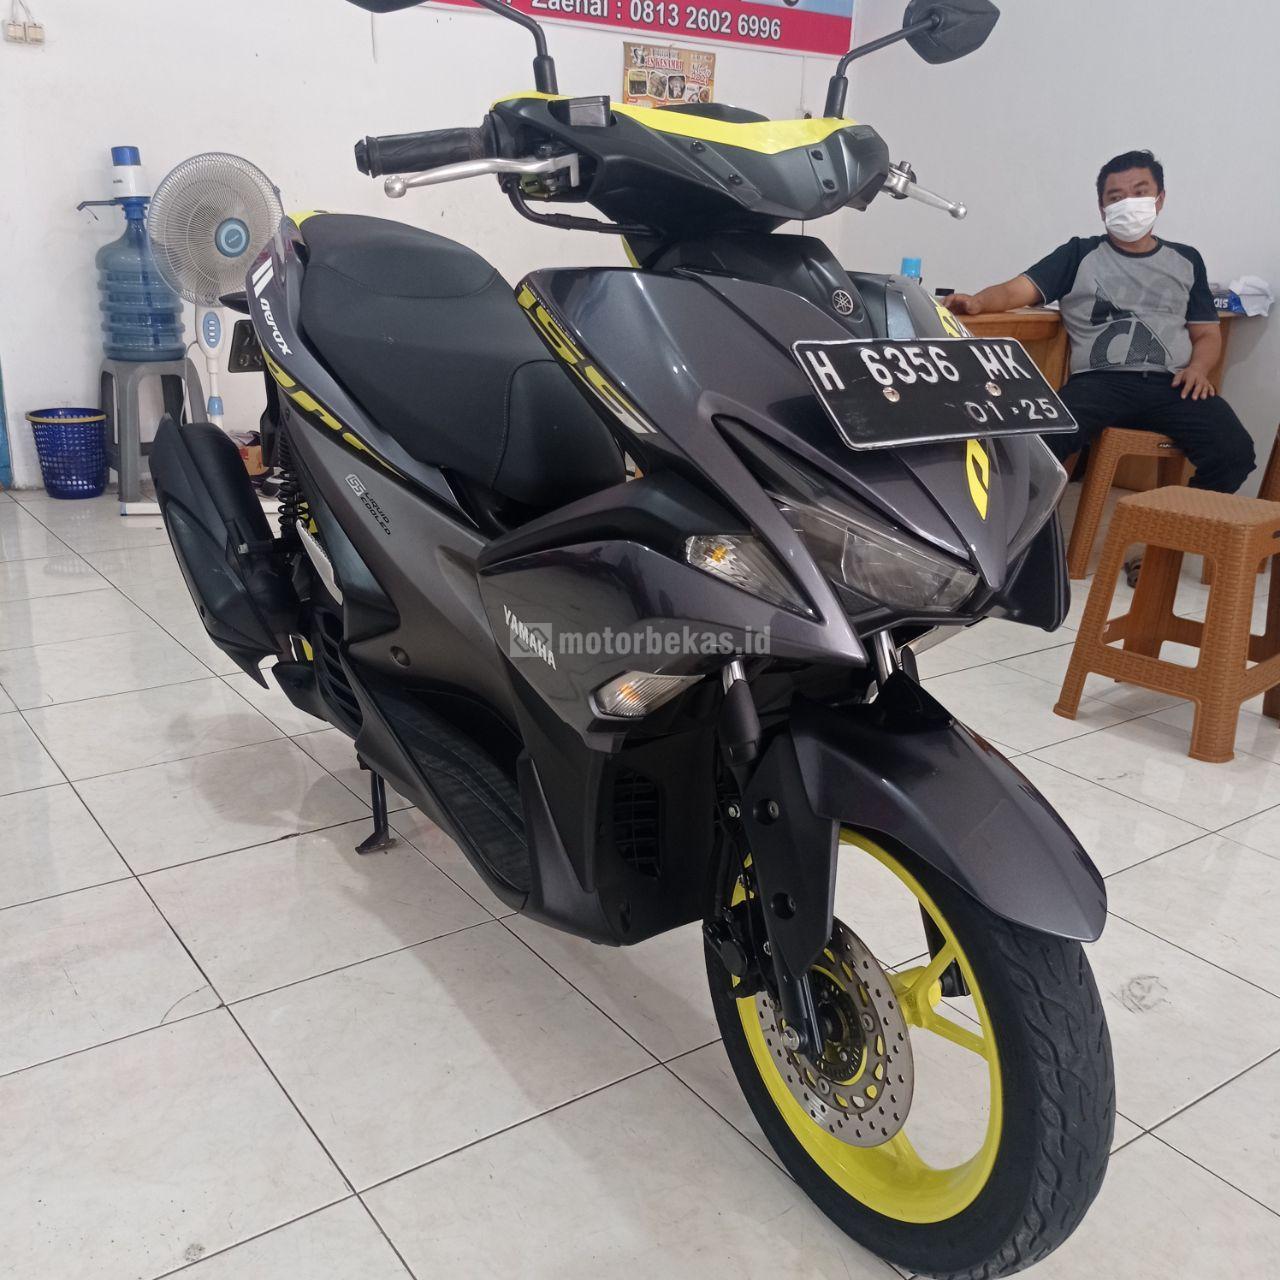 YAMAHA AEROX 155  769 motorbekas.id